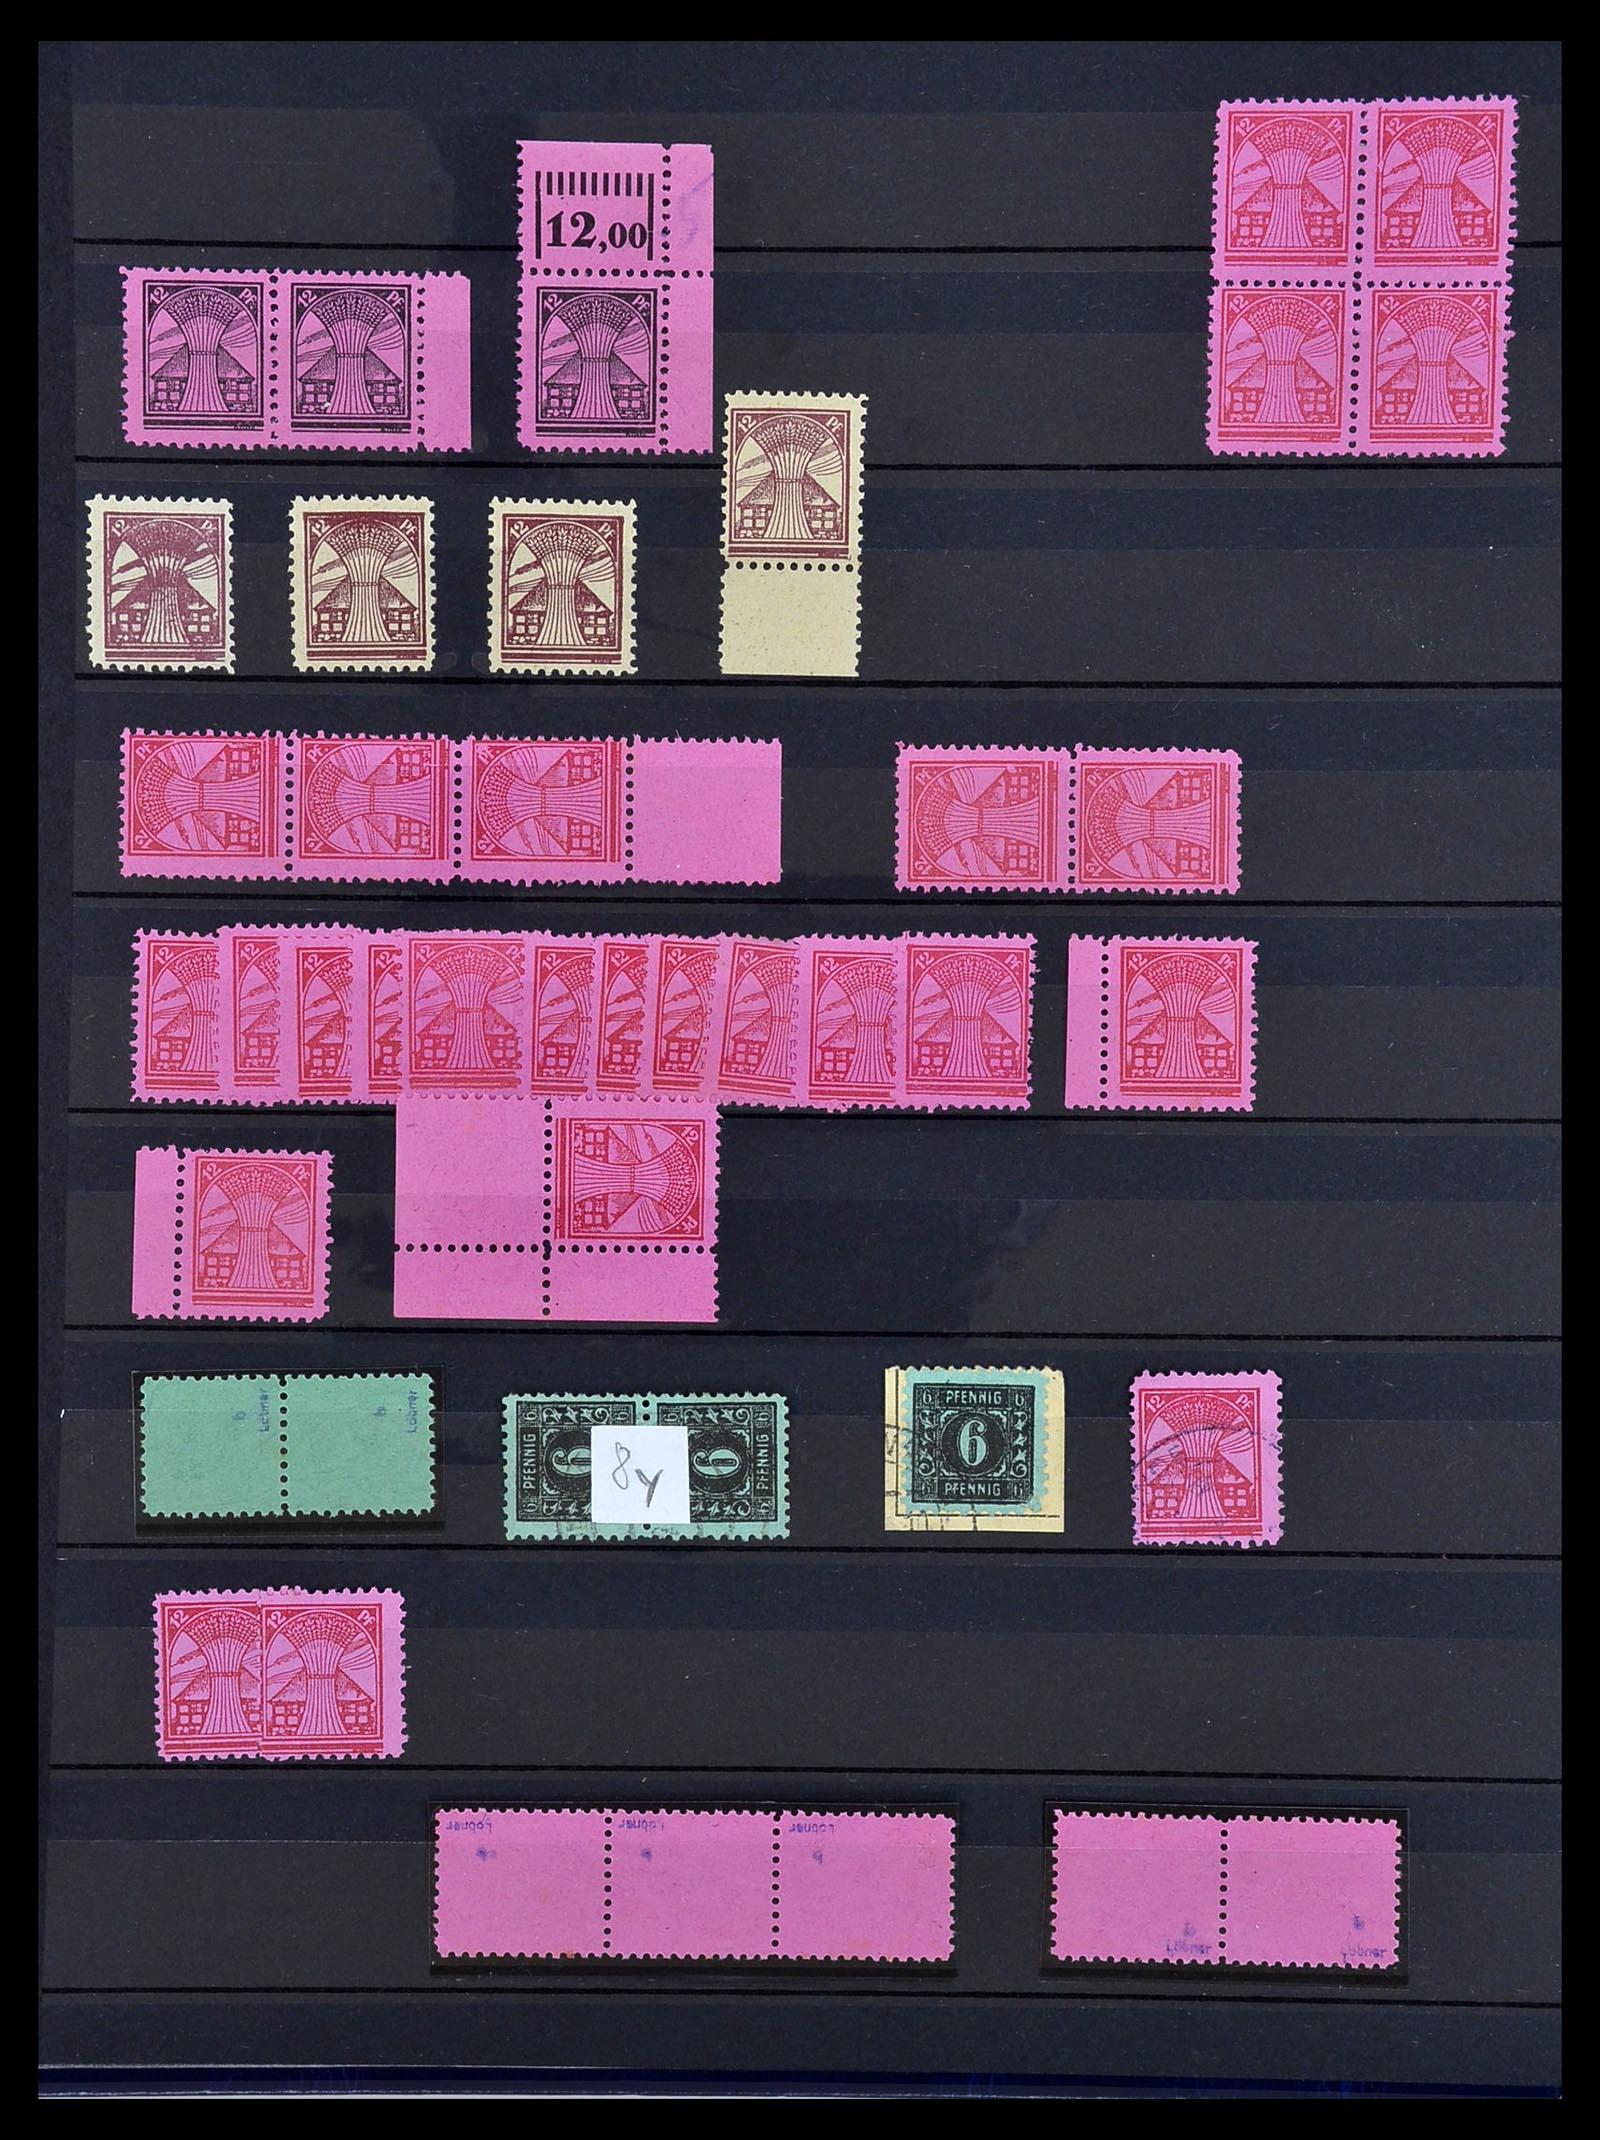 34039 004 - Postzegelverzameling 34039 Mecklenburg-Vorpommern 1945-1946.